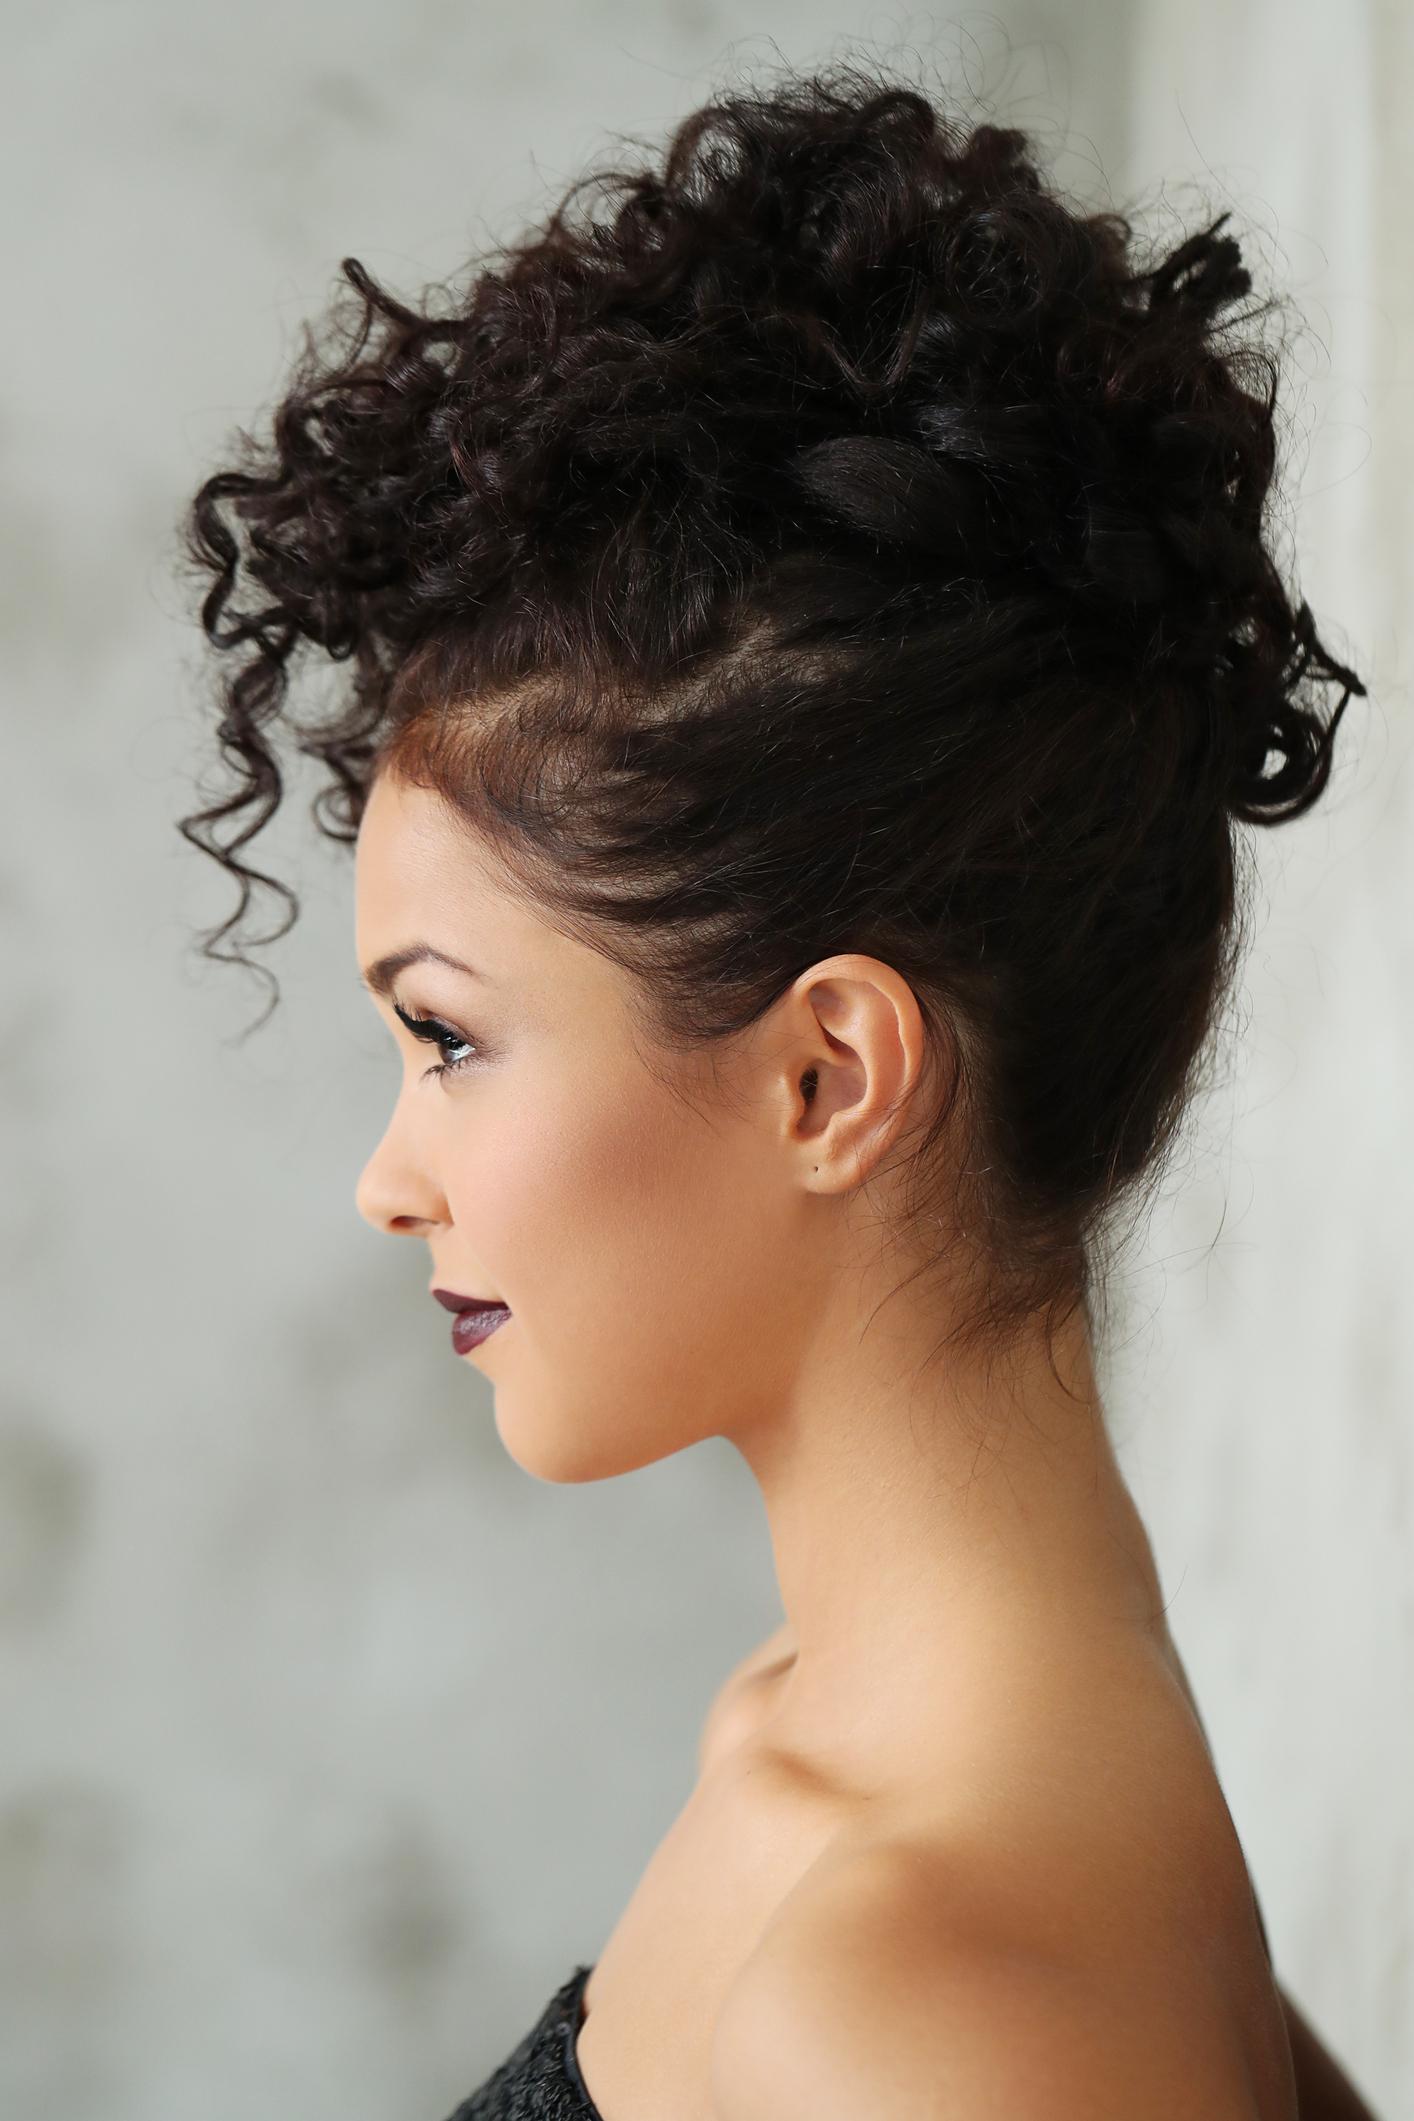 coque 14 - Todo tipo de coque! Inspire-se nas mais diferentes formas de usar esse penteado mega versátil!